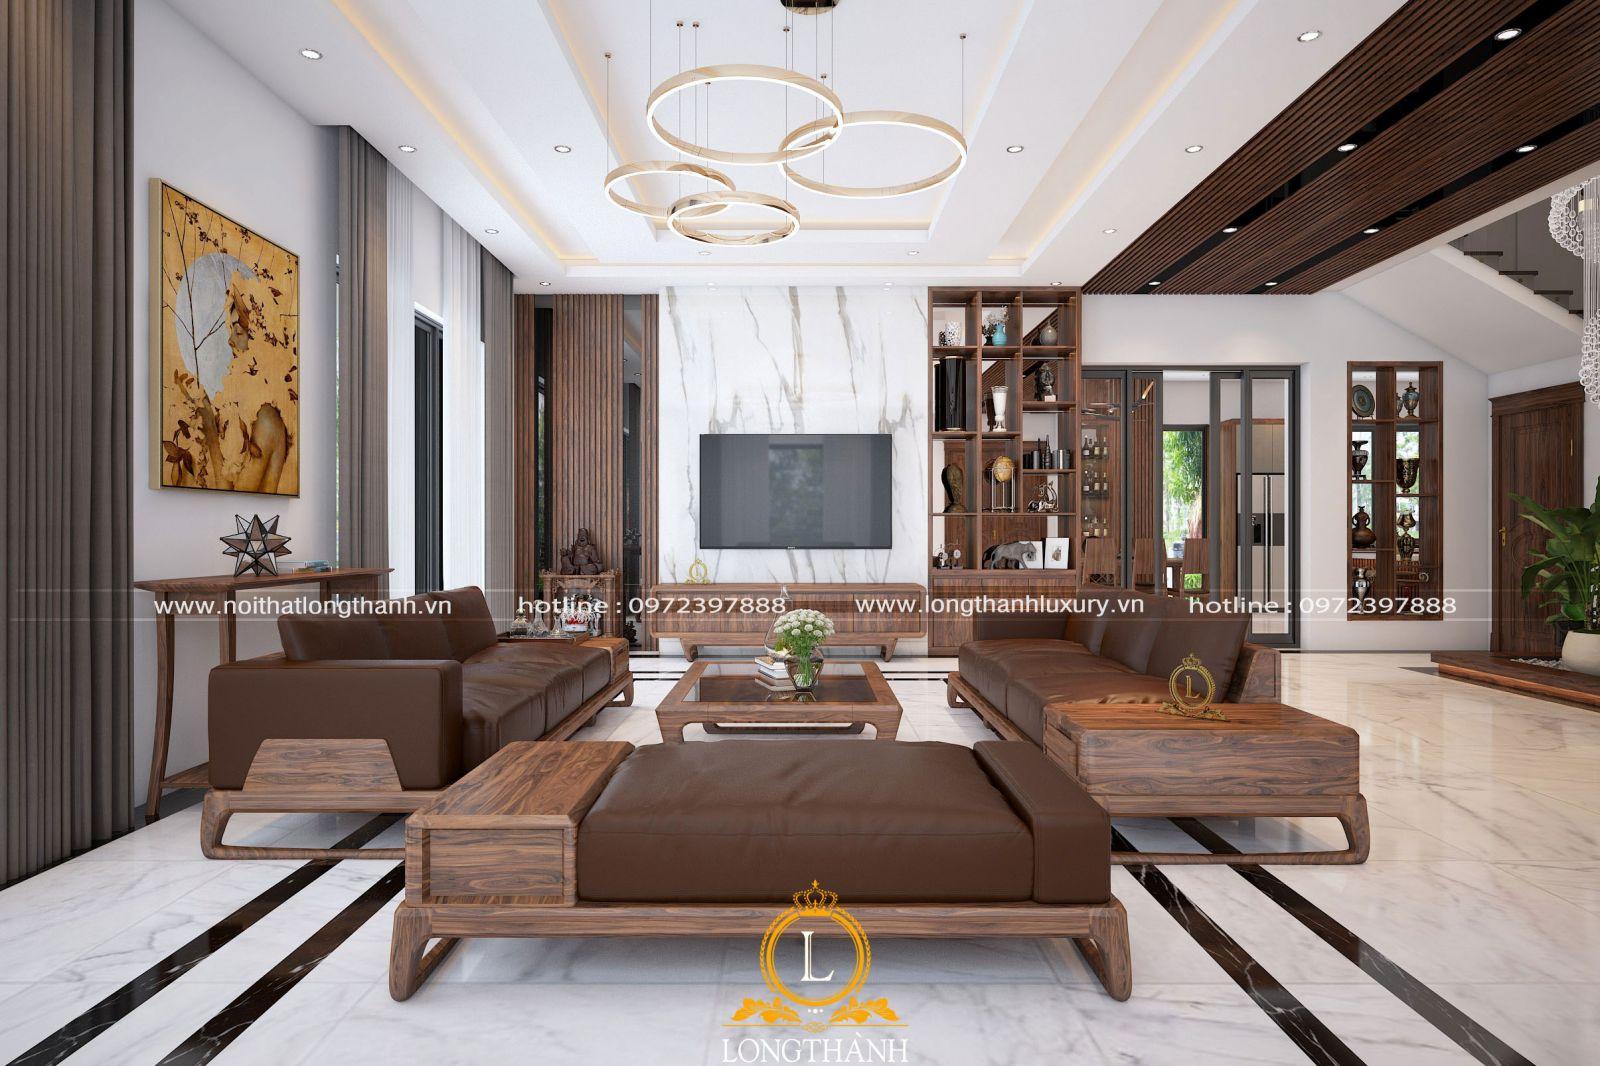 Xu hướng thiết kế nội thất phòng khách theo phong cách hiện đại